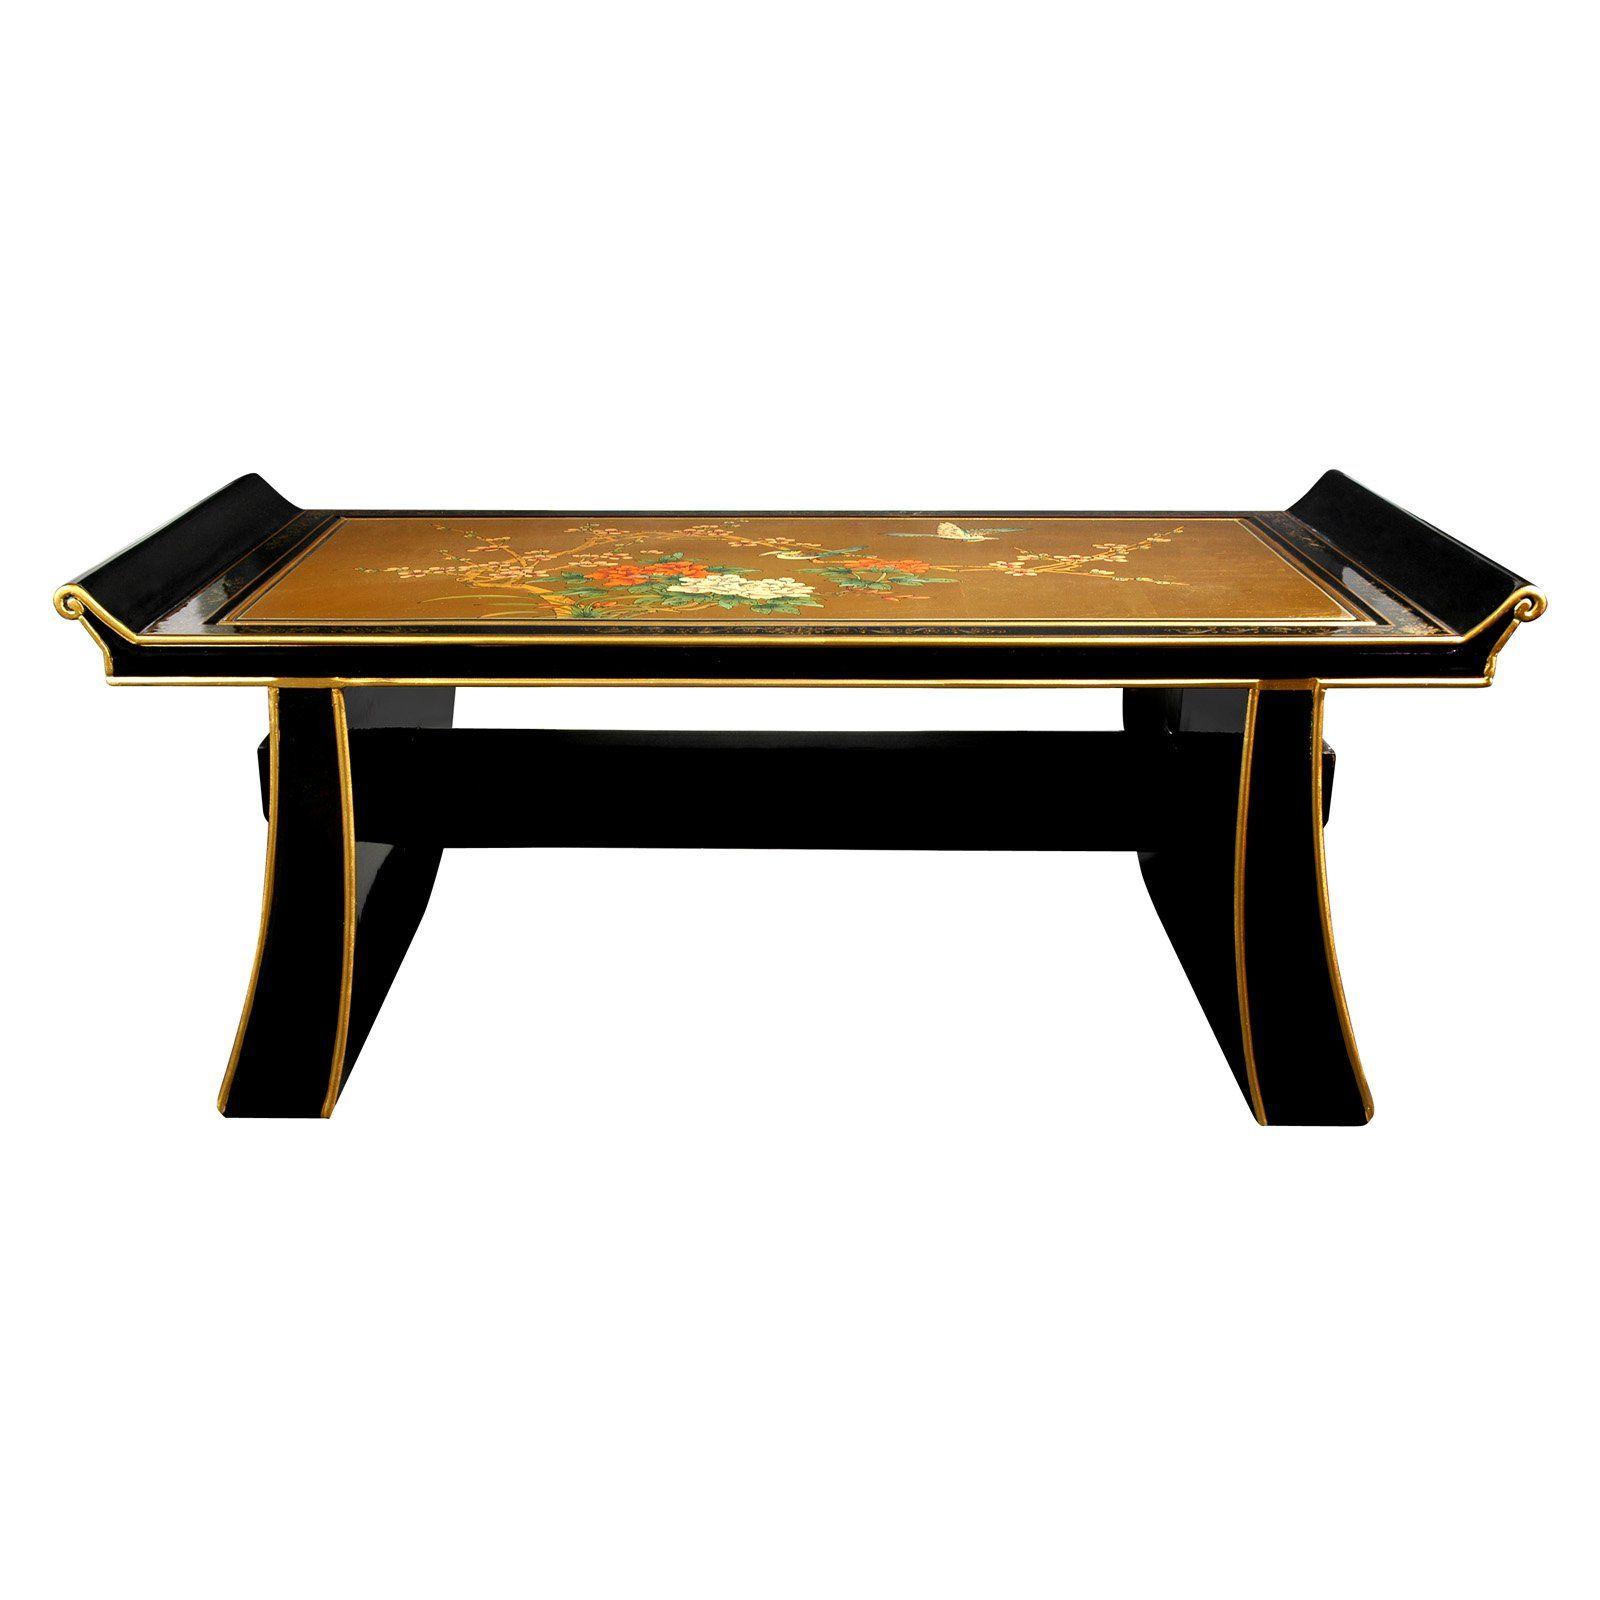 Oriental Furniture Shinto Coffee Table Oriental Furniture Coffee Table Furniture [ 1600 x 1600 Pixel ]